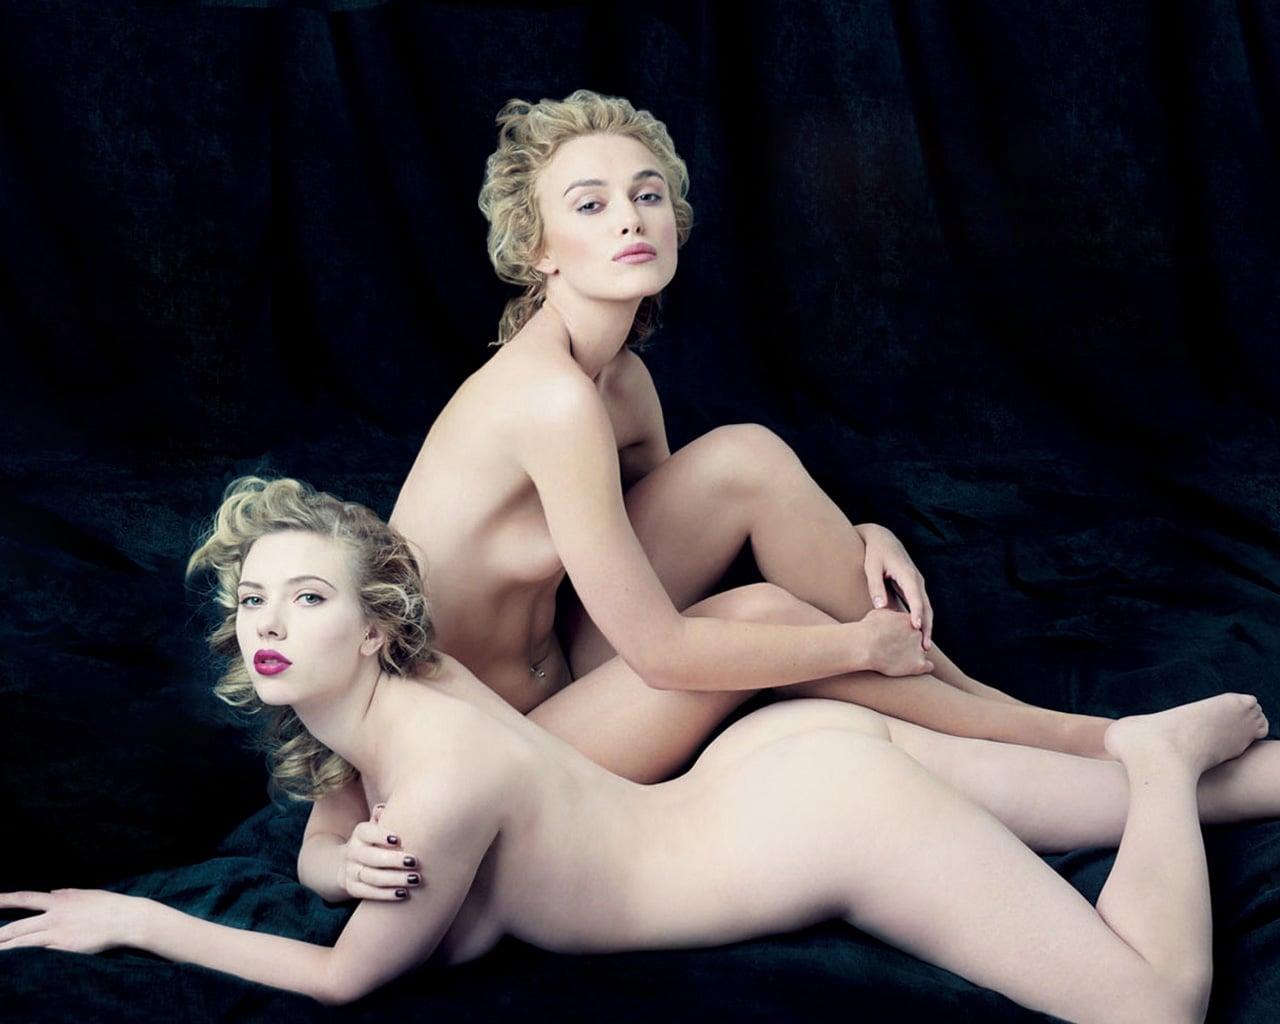 Vanity nude pictures